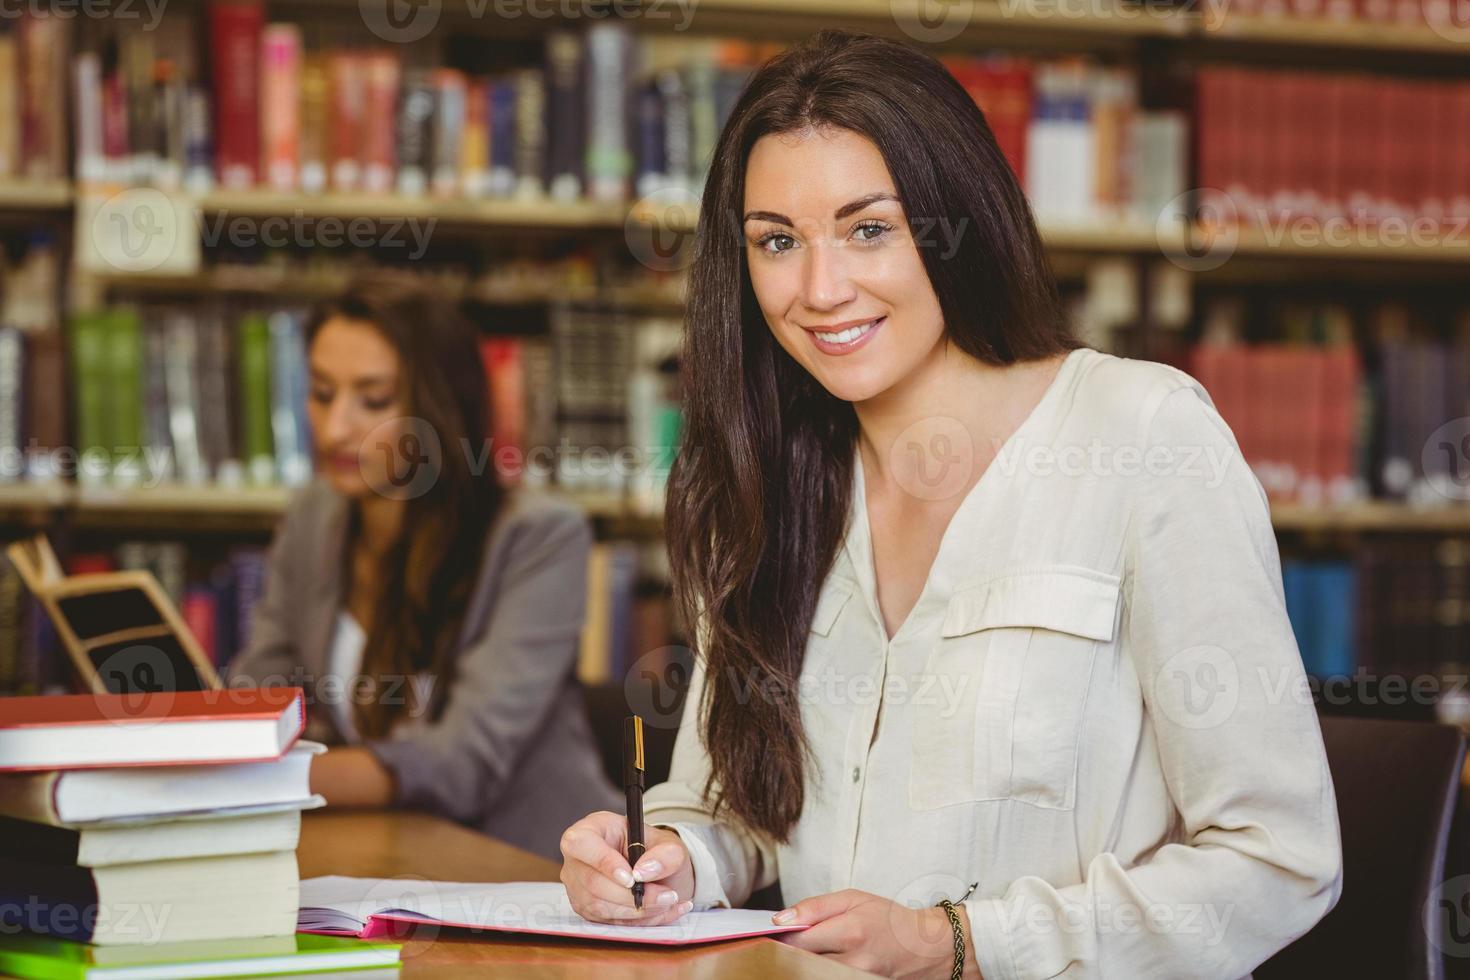 estudiante bonita morena sonriente escribiendo en el bloc de notas foto